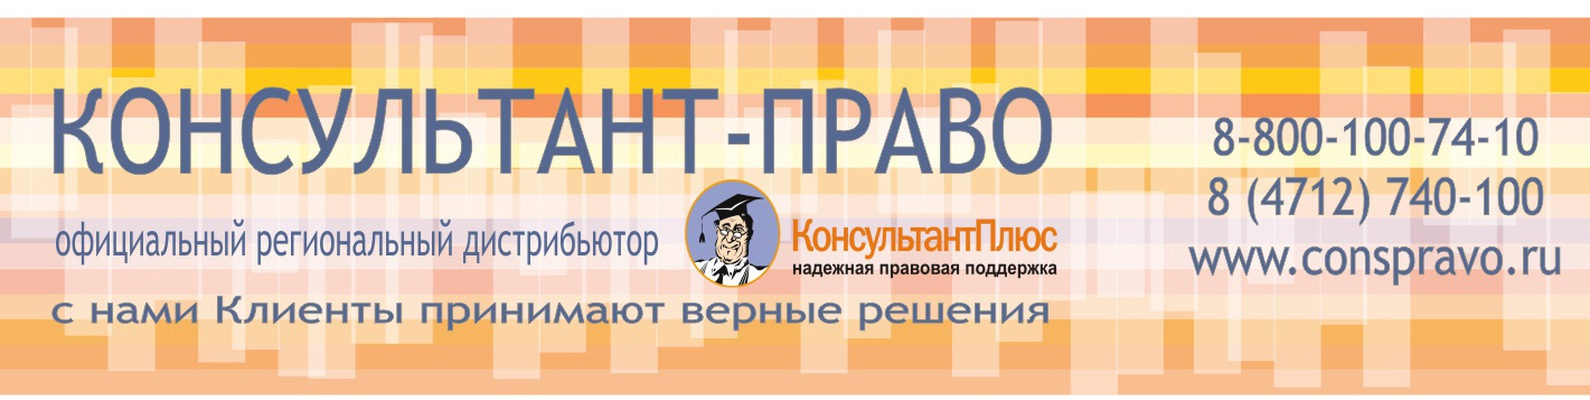 ооо экспертиза и право м курская бухгалтер